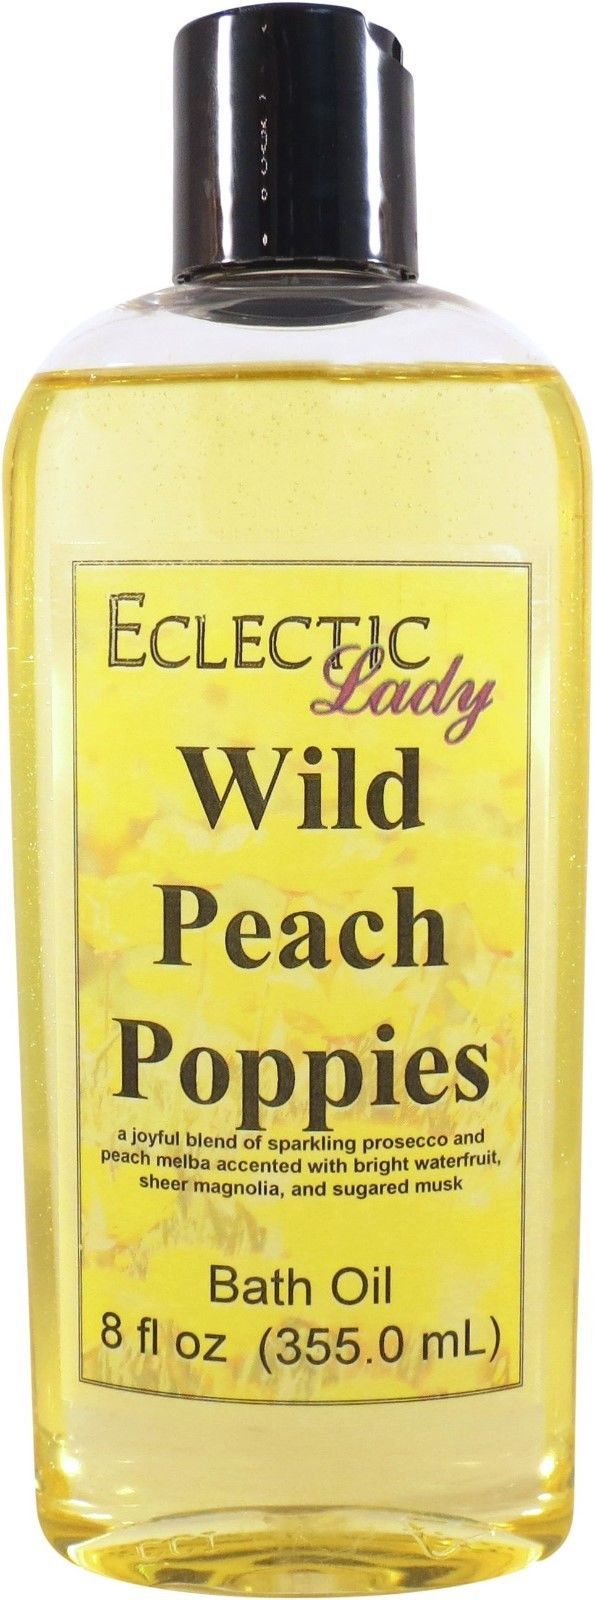 Wild Peach Poppies Bath Oil